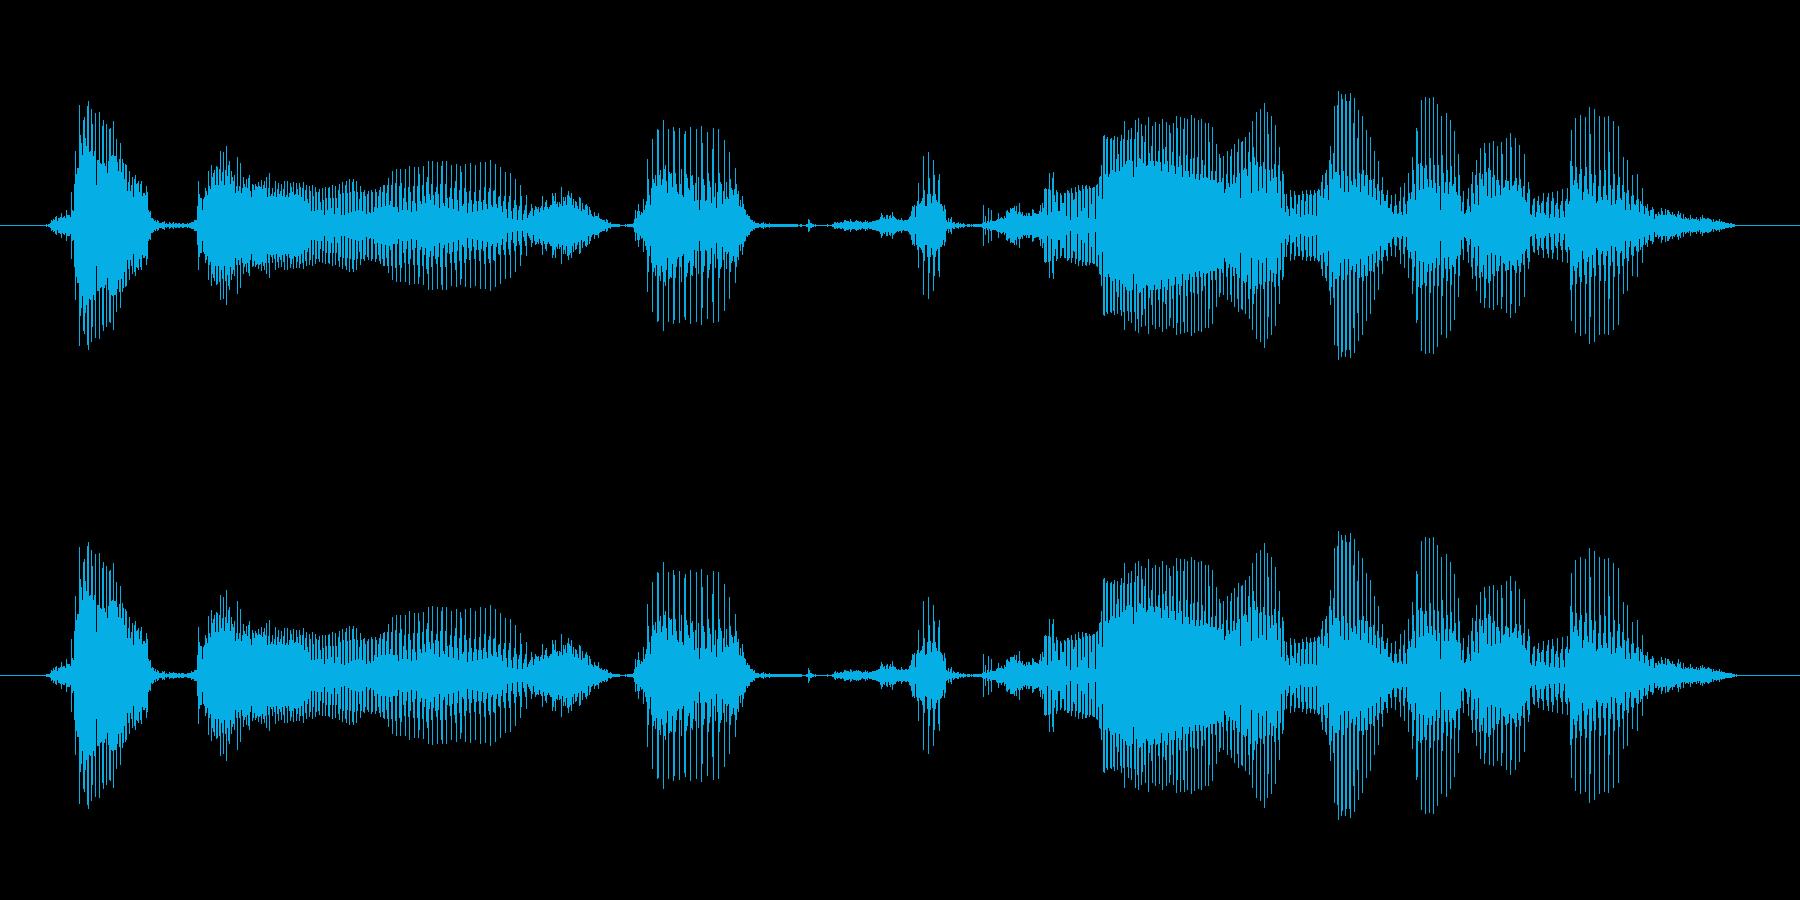 ボタンを押すと説明が流れますの再生済みの波形